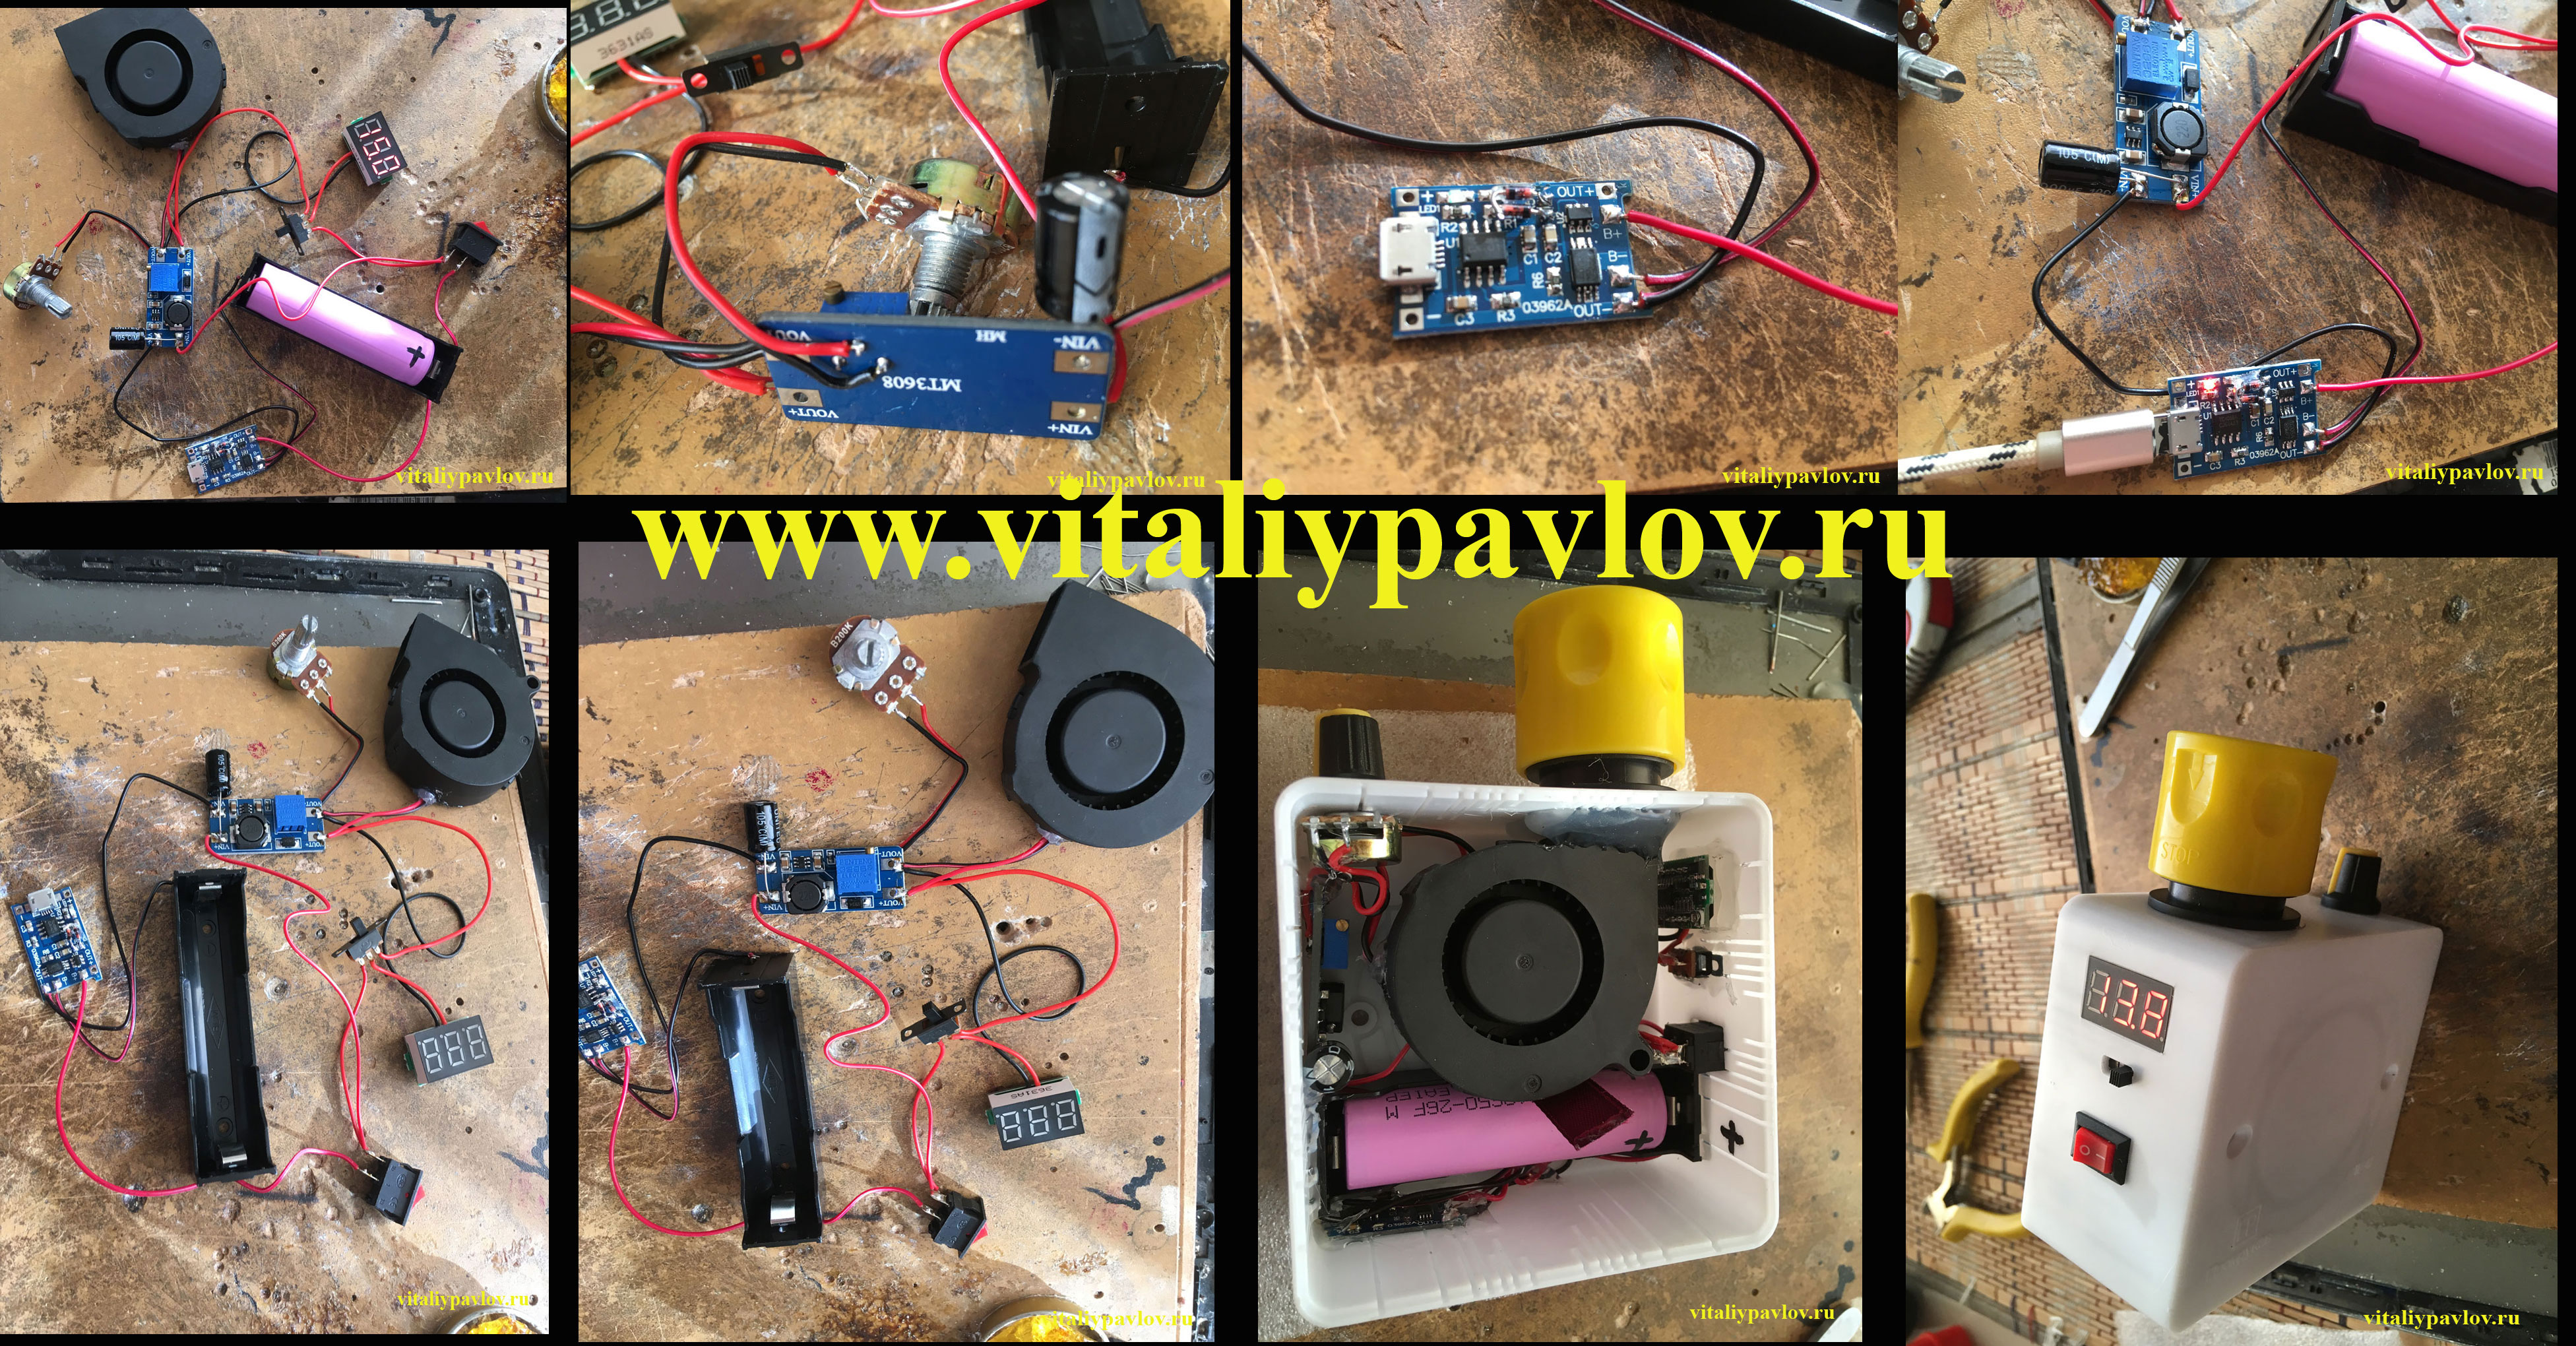 Аккумуляторный нагнетатель воздуха для дымогенератора коптильни